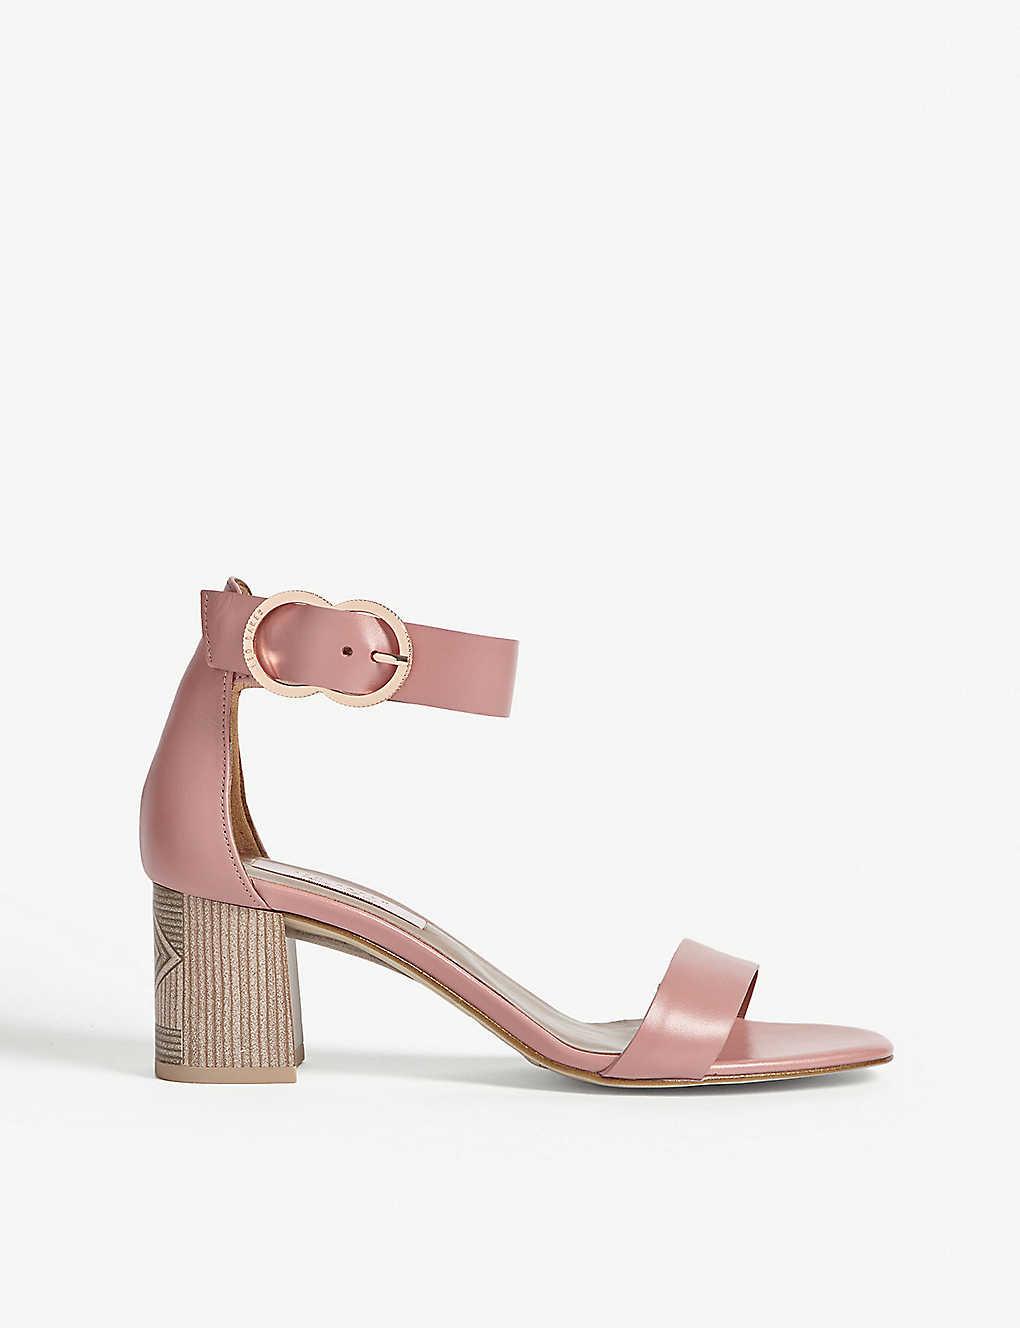 bdd067d058e1 TED BAKER - Qarvaa leather block-heeled sandals